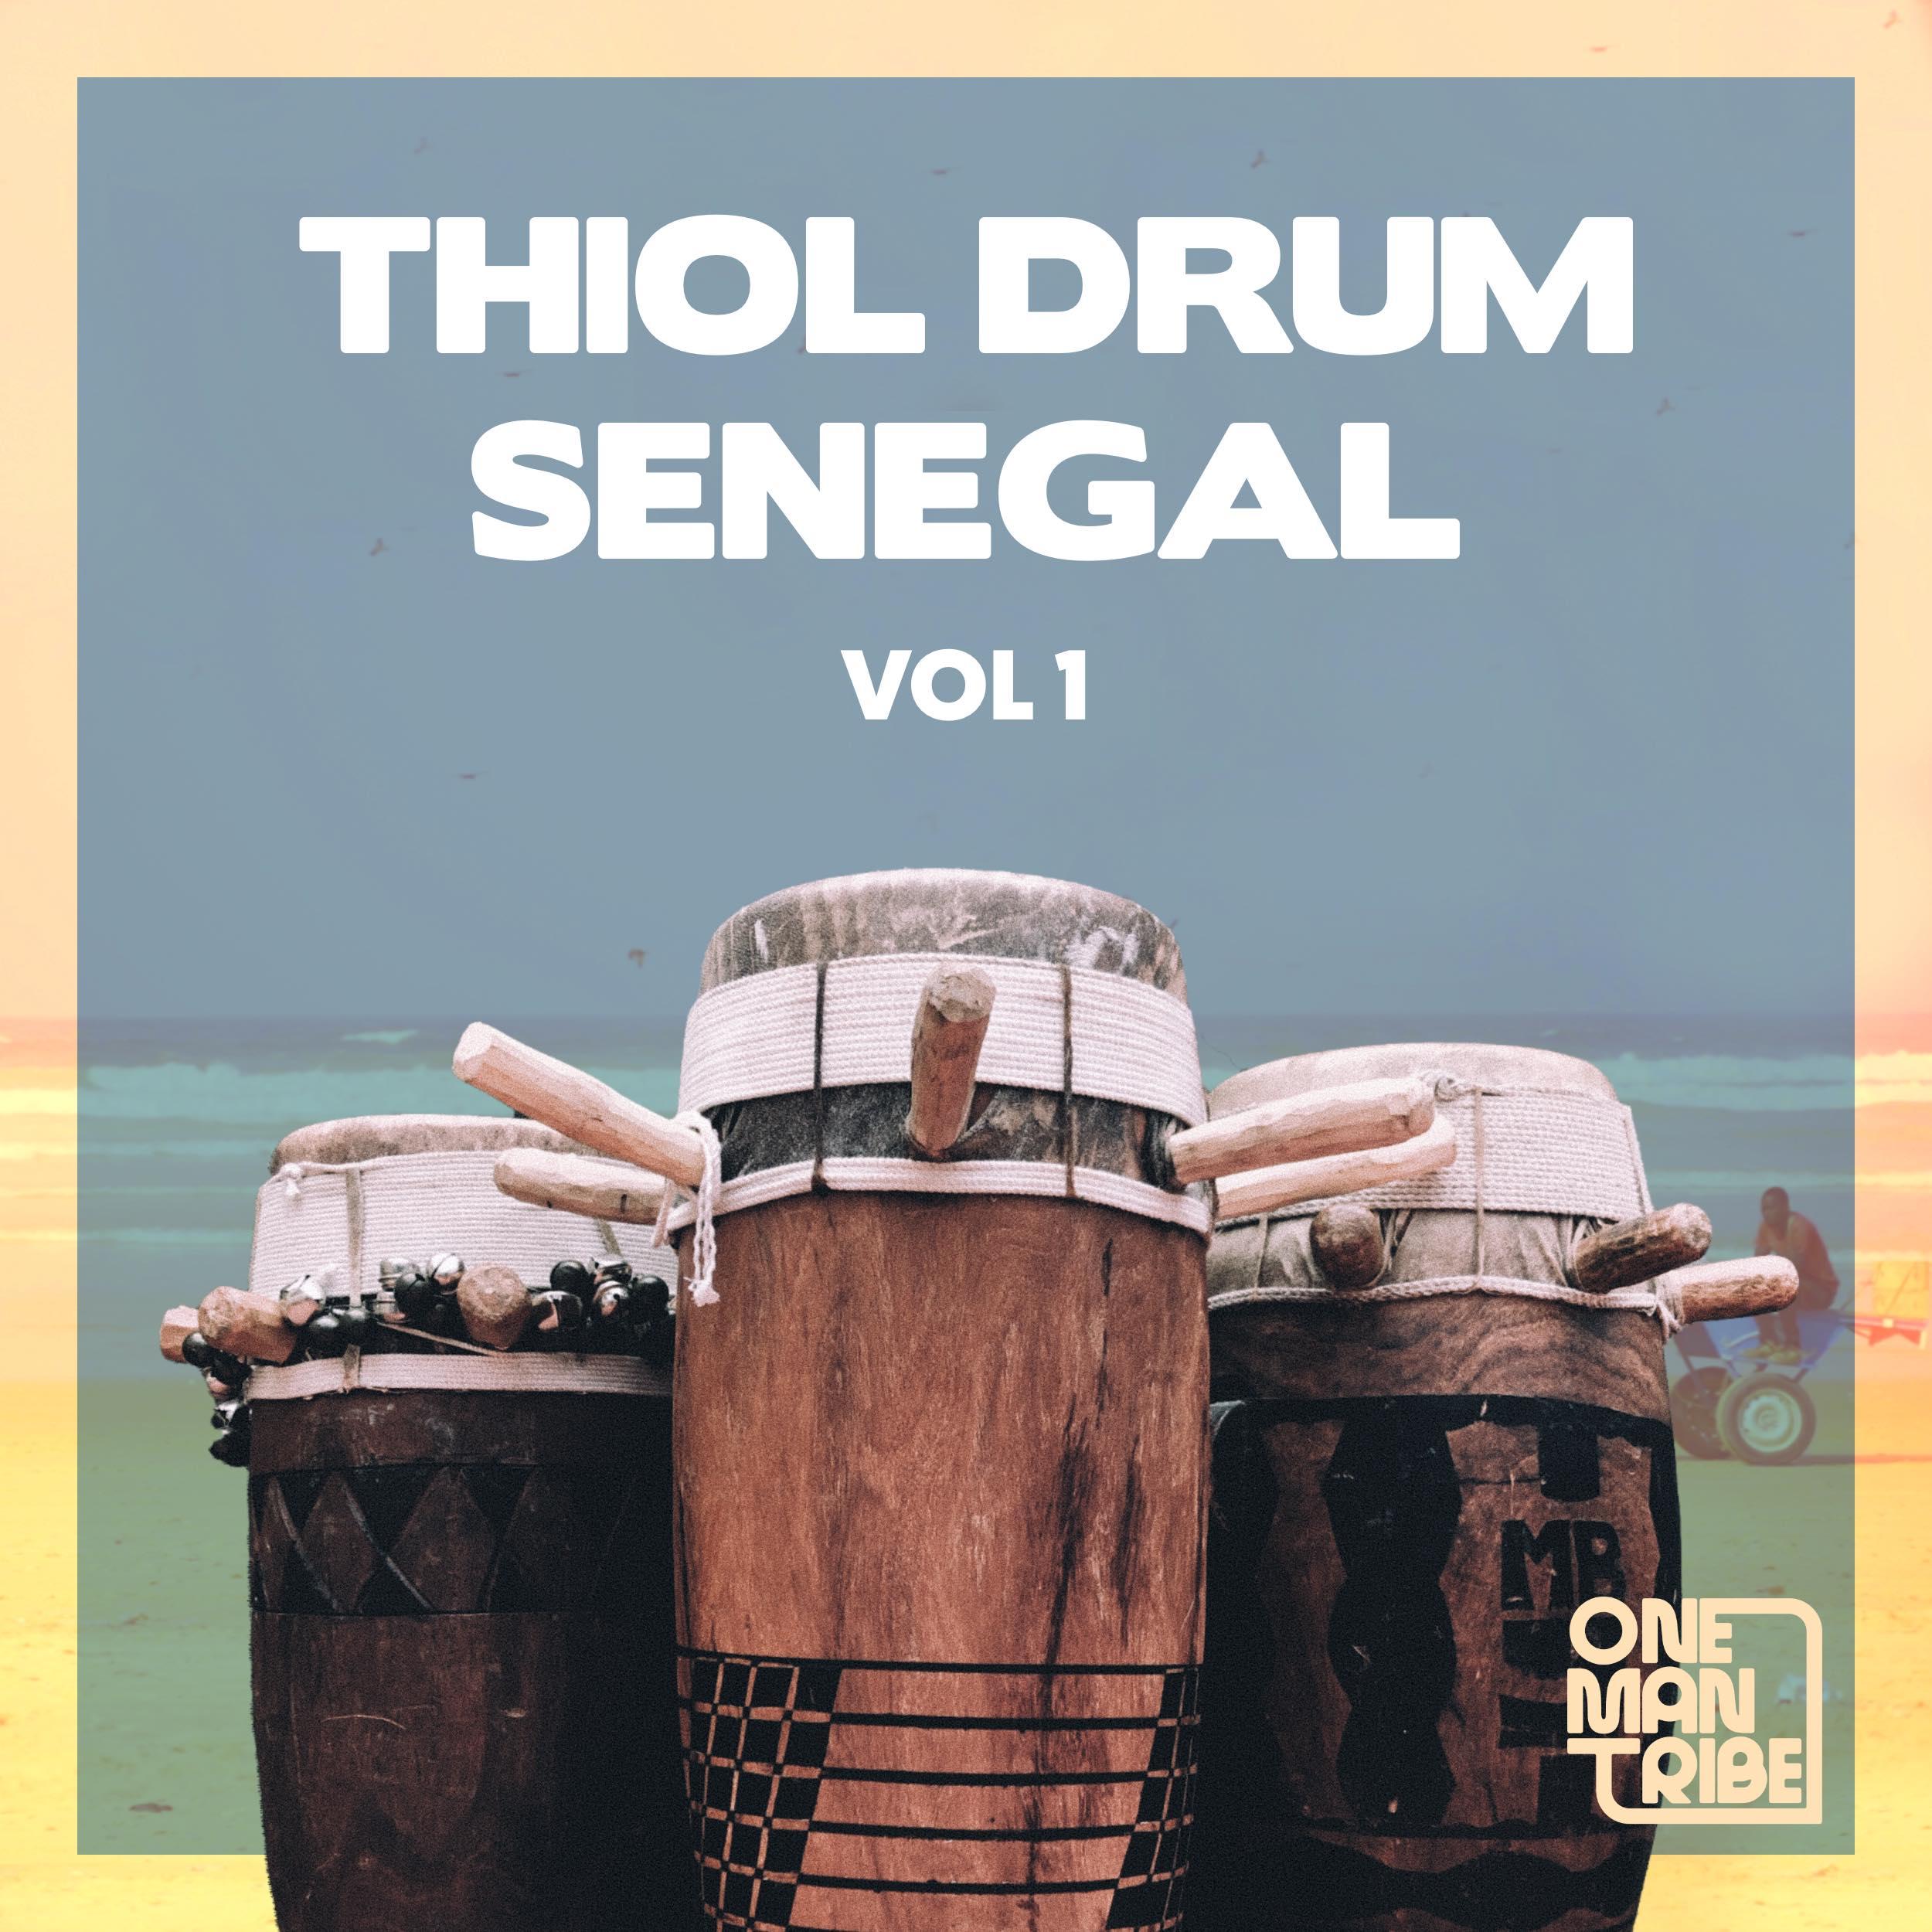 Thiol Drum Senegal Vol. 1